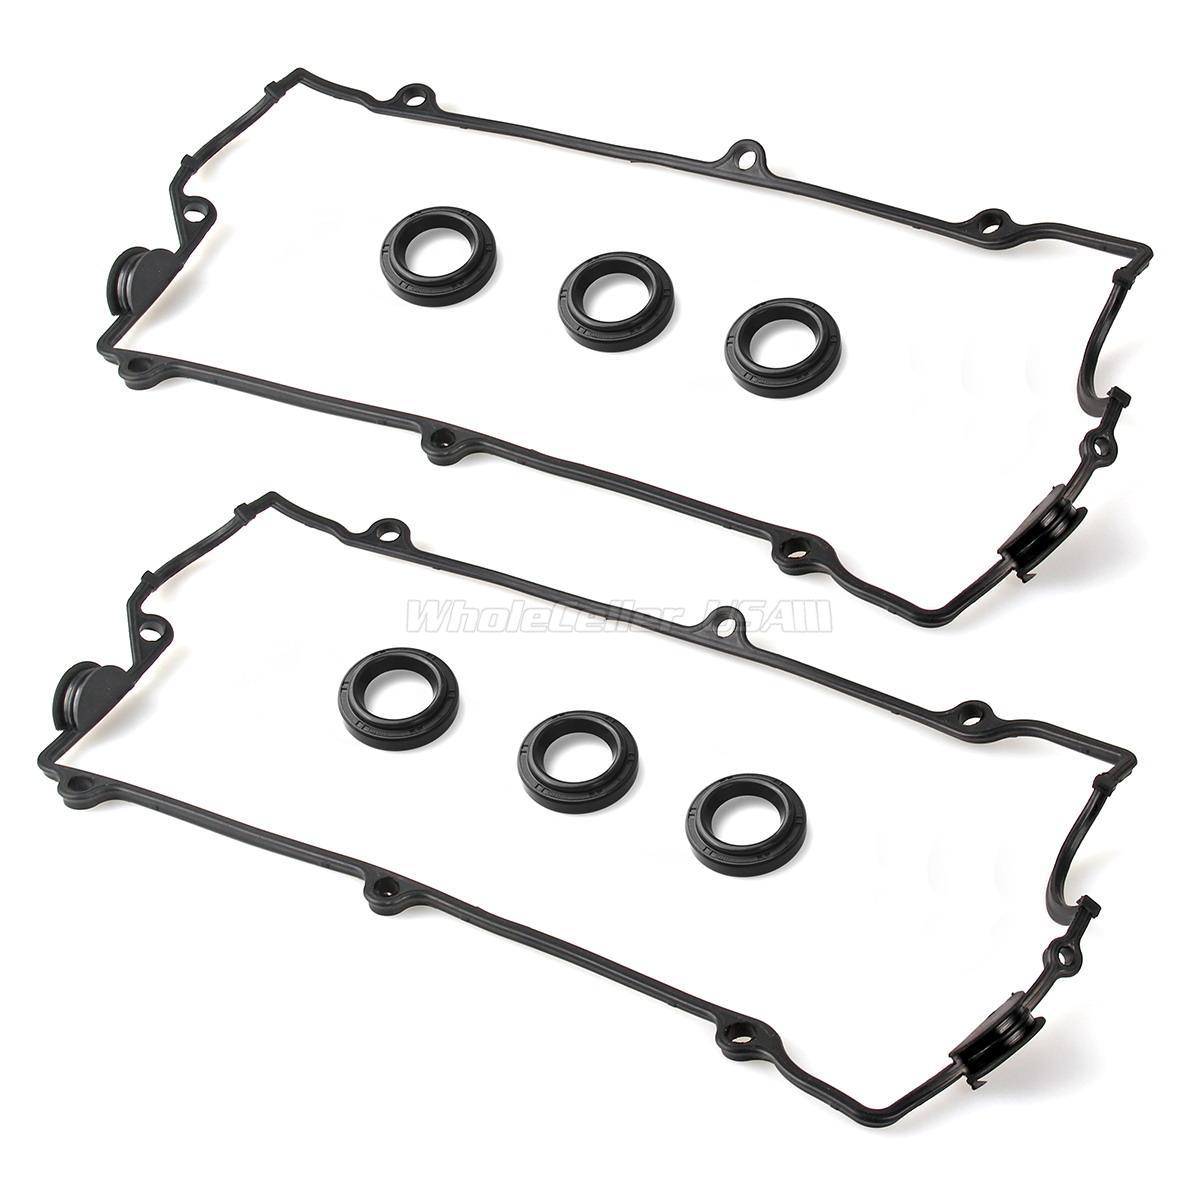 Engine Valve Cover Gasket Set For Hyundai Santa Fe 2 7l